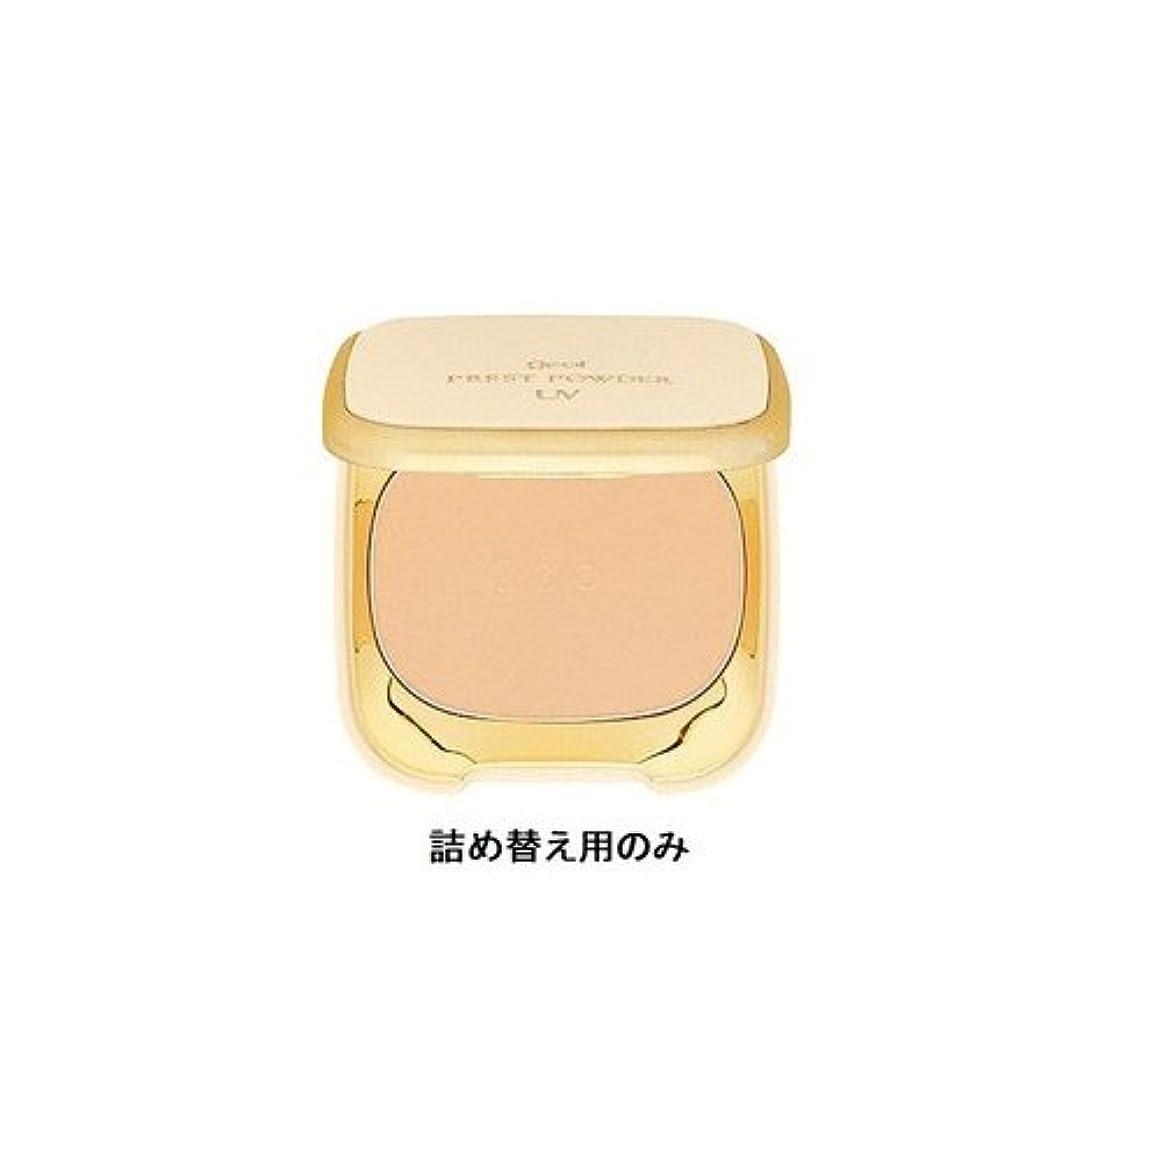 キー艶つかむゲオール プレストパウダーUV 詰替用 (パフ付き) (10 ピンク系)